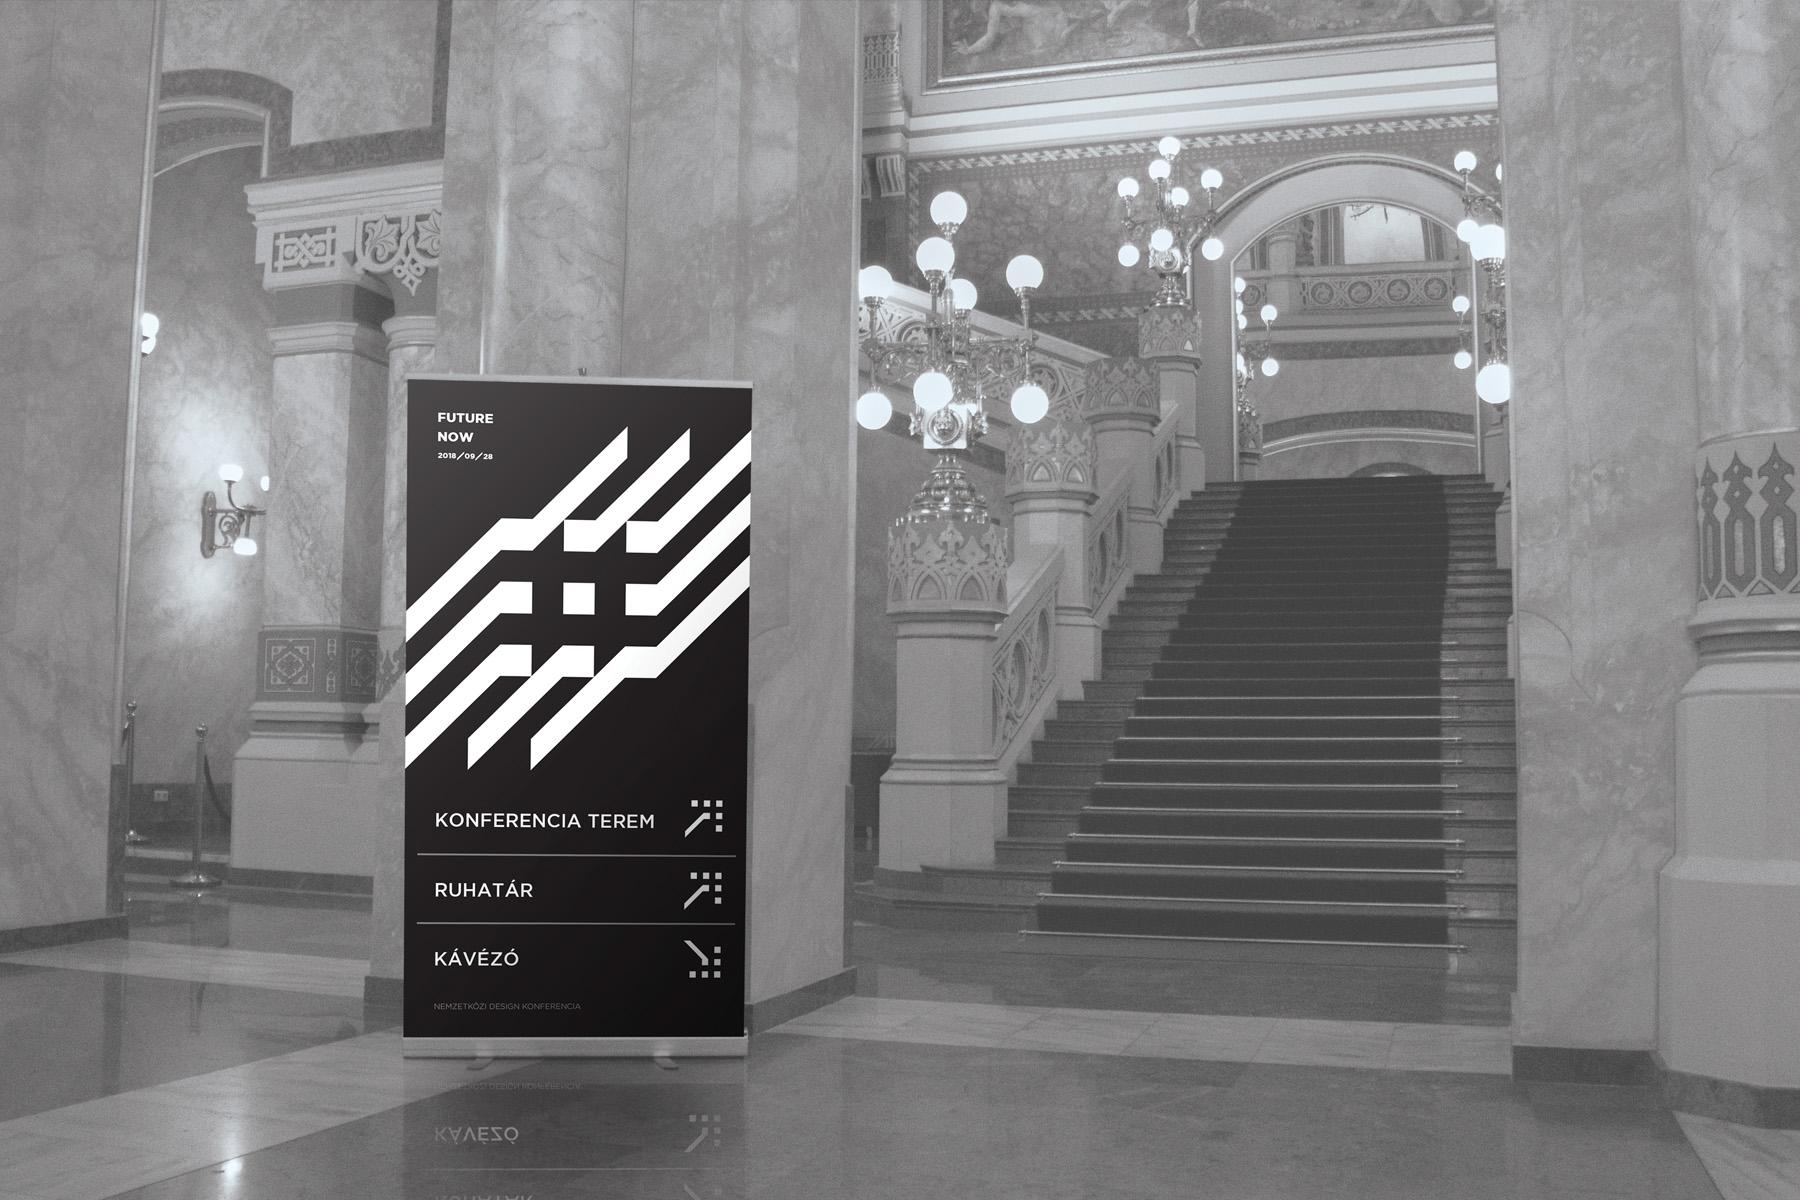 JuhászKlaudia_PothárnJúlia_DesignKonferencia_kép12.jpg